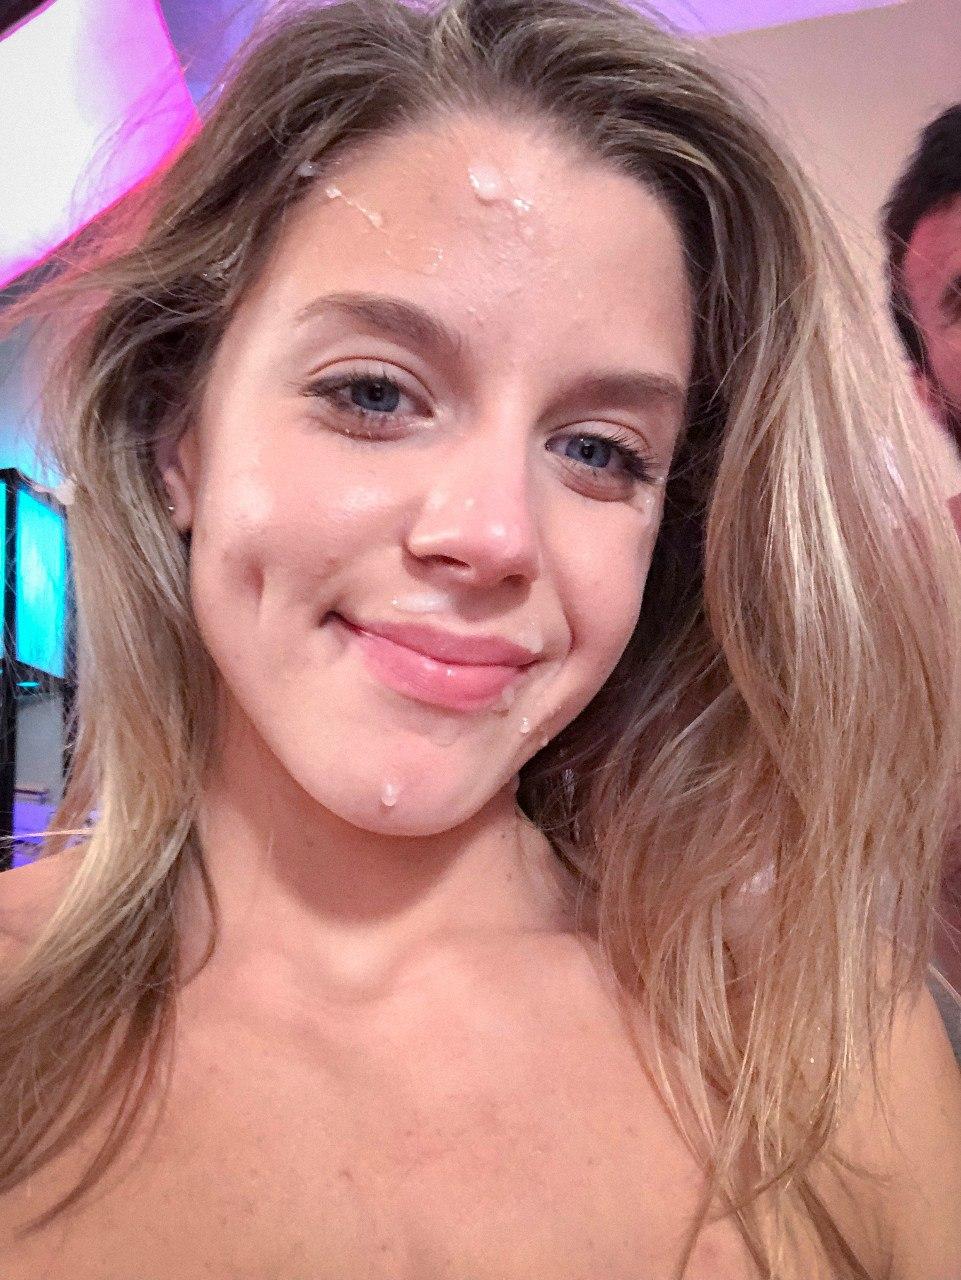 Sweet teens naked